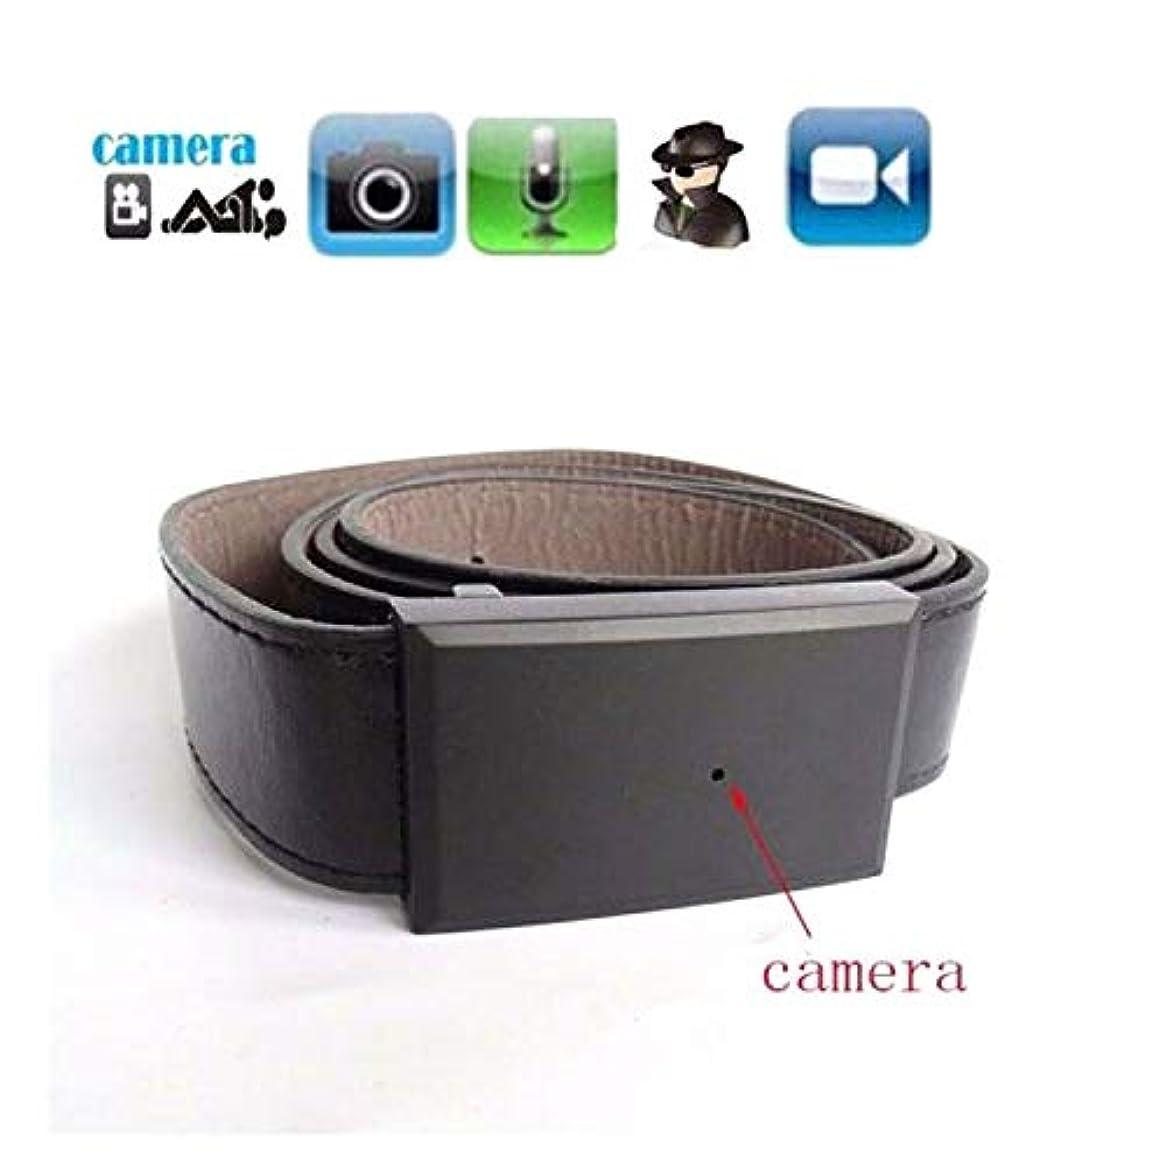 改善するミュウミュウ繁栄するFidgetGear 30 FPS HD Camera Spy Belt Video Recorder Secret Pinhole Cam Audio DVR Camcorder No with memory Card